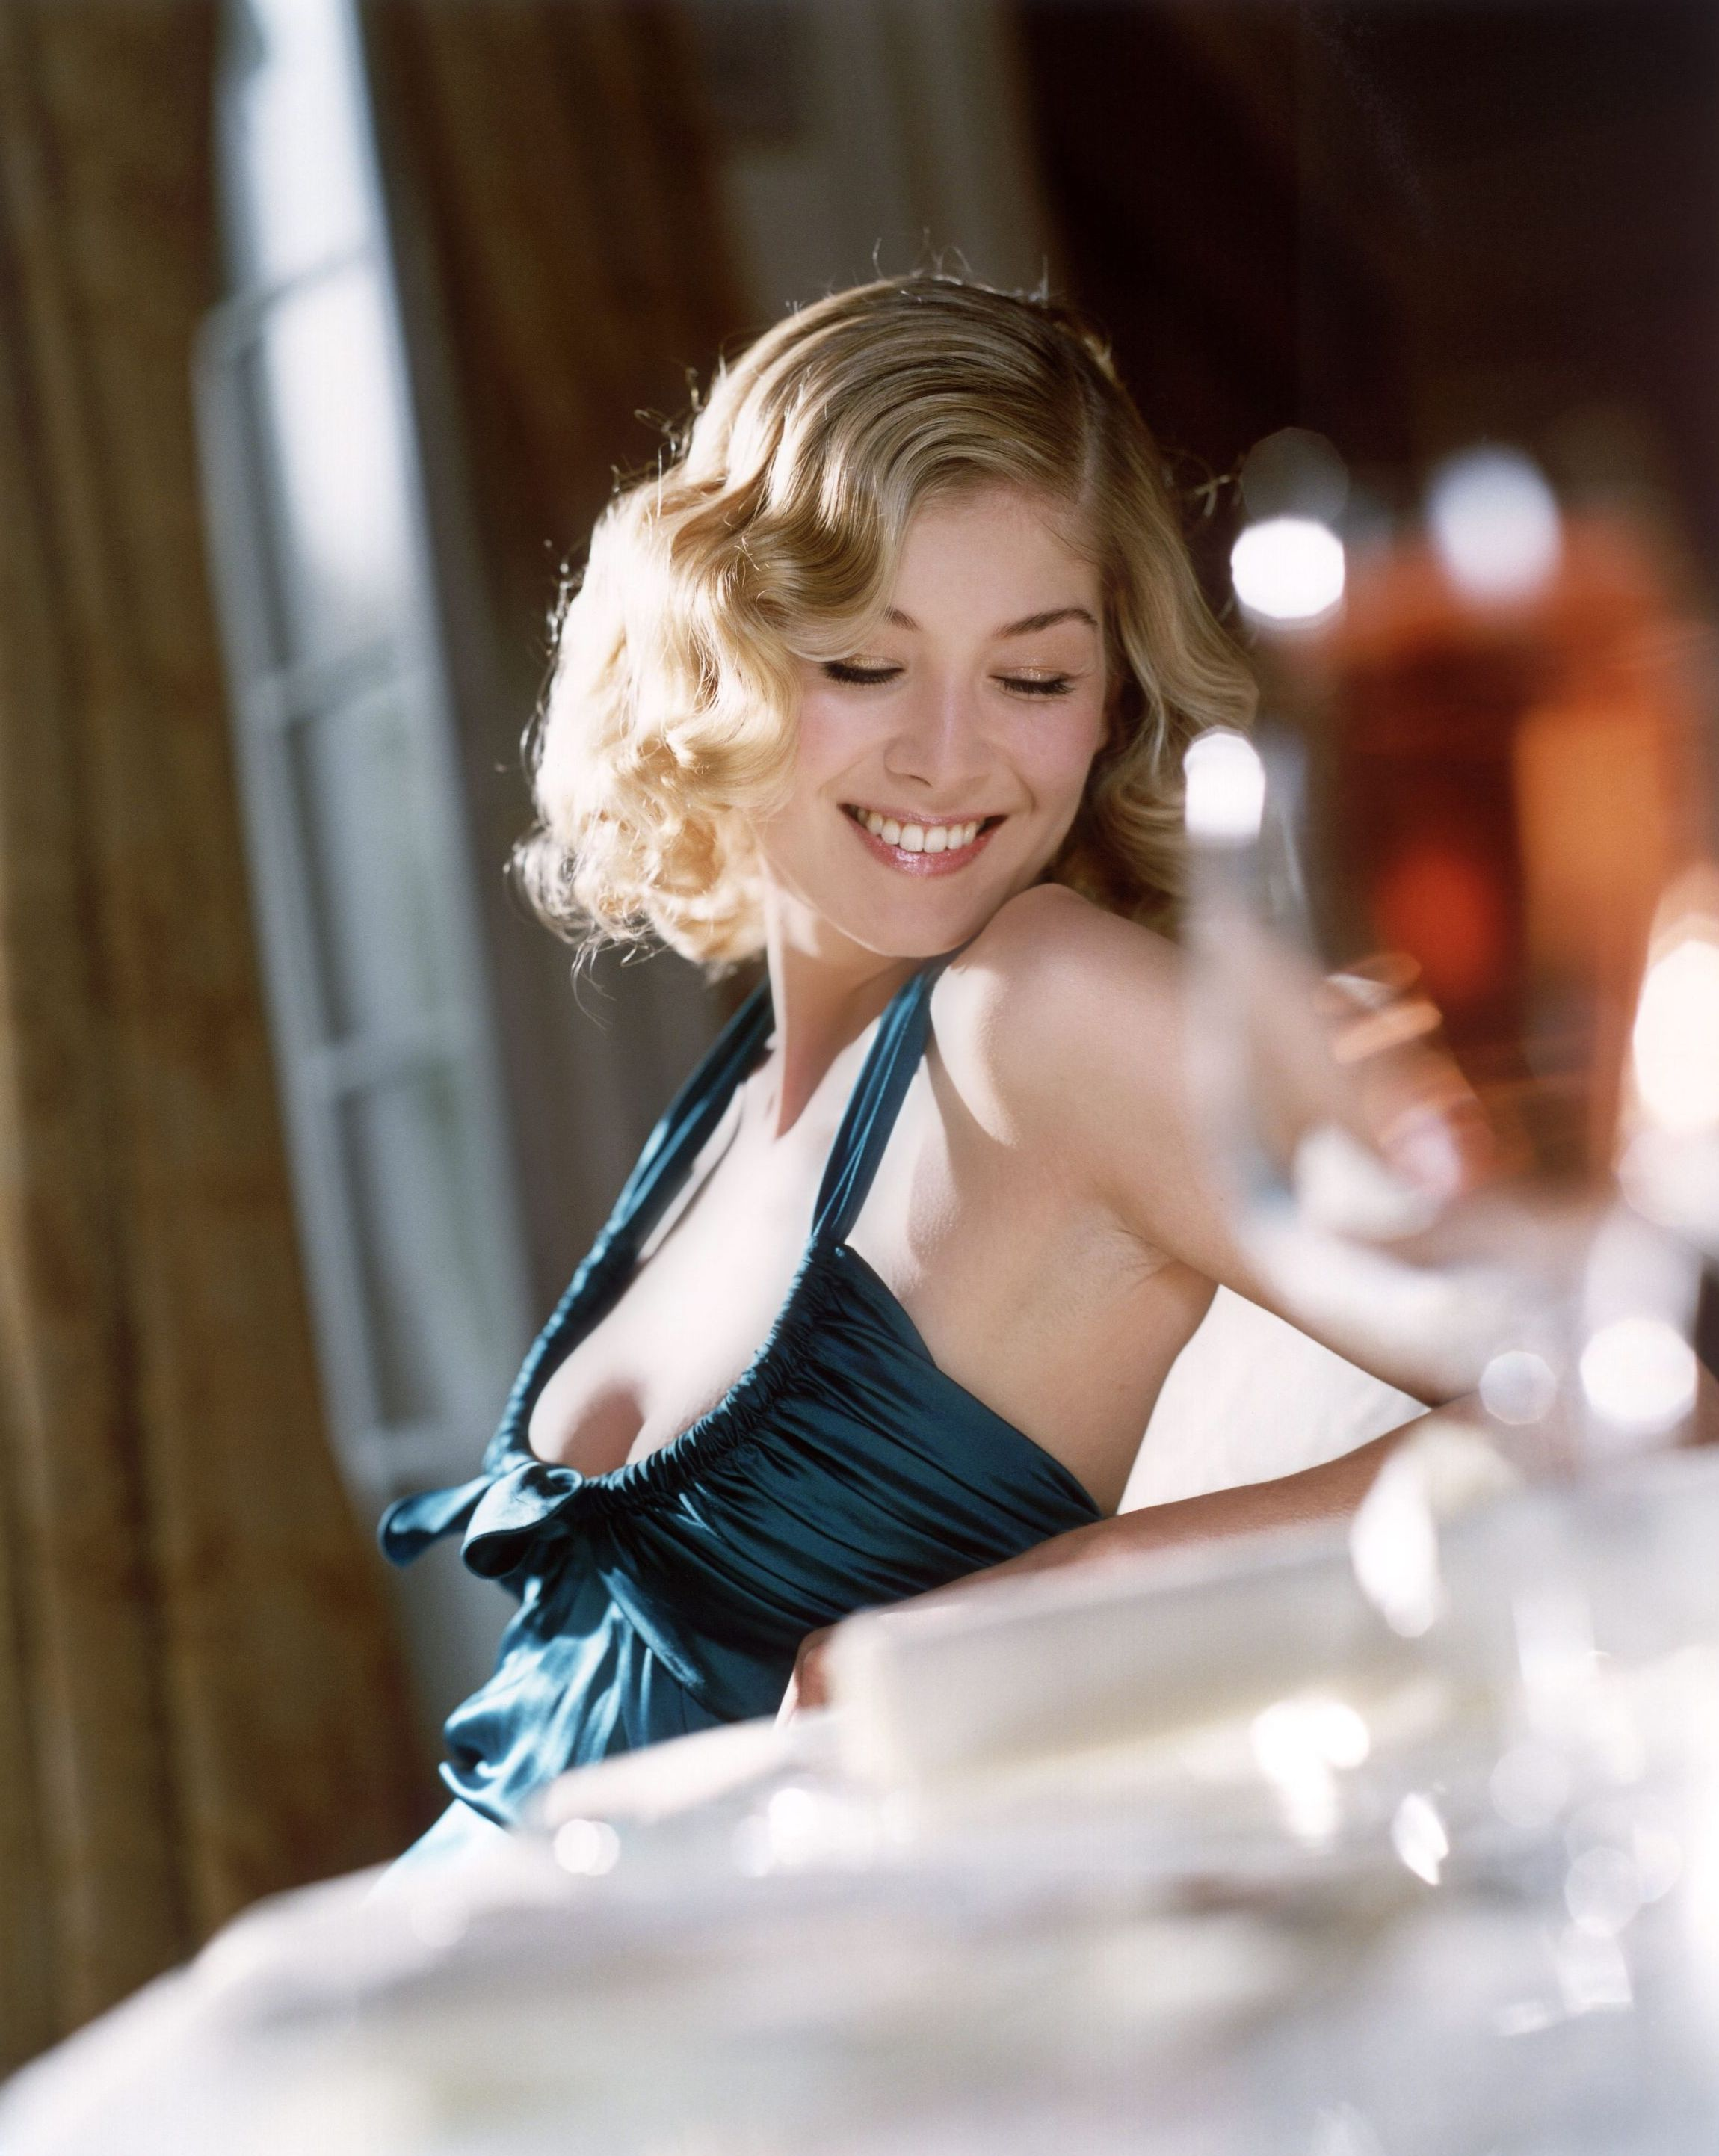 Rosamund Pike photo #175155 | Celebs-Place.com